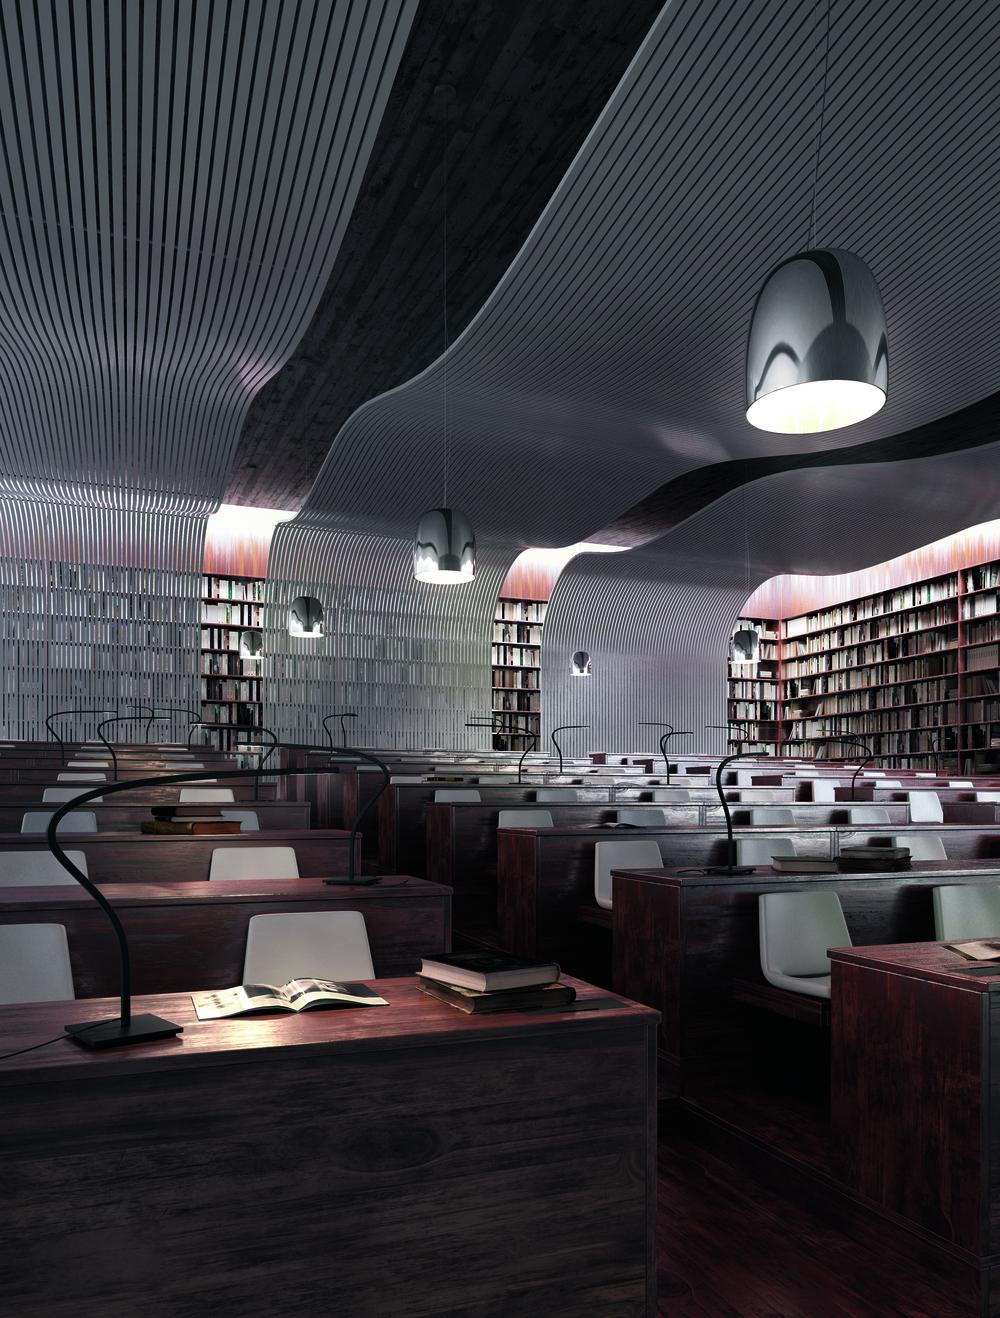 Prandina Notte ceiling light fixture